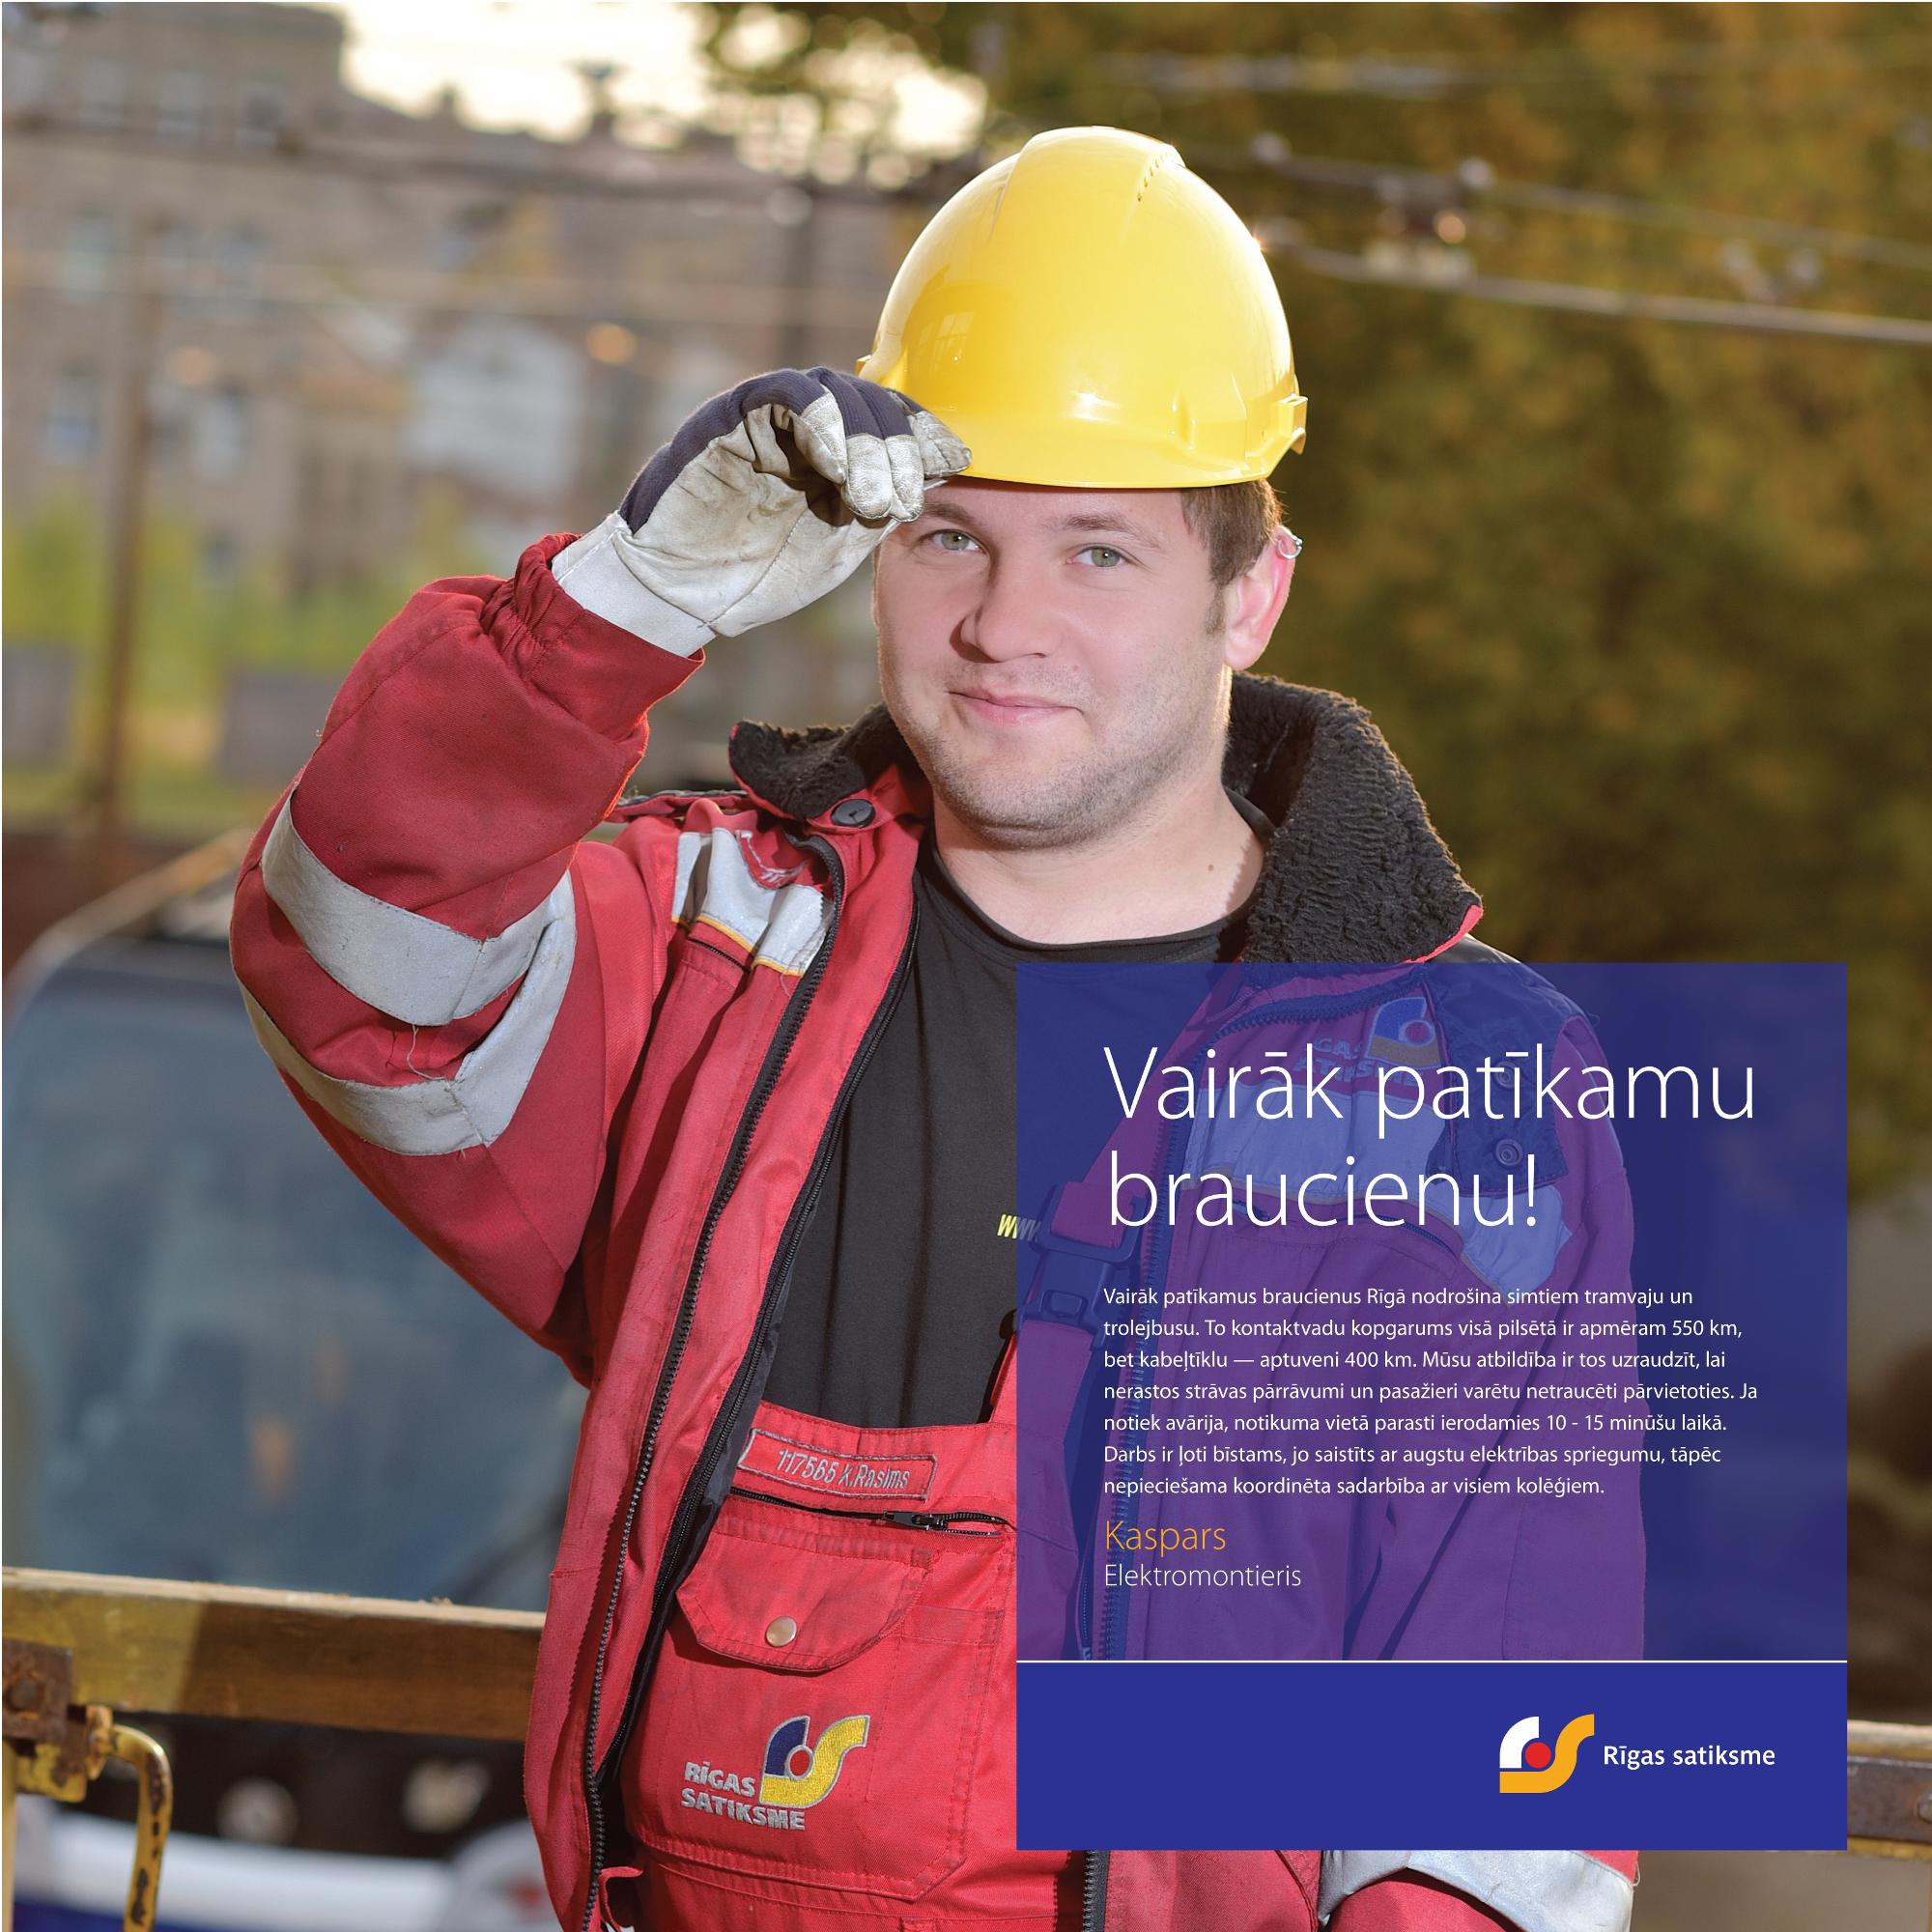 """""""Rīgas satiksme"""" launches campaign """"Have more nice trips ..."""